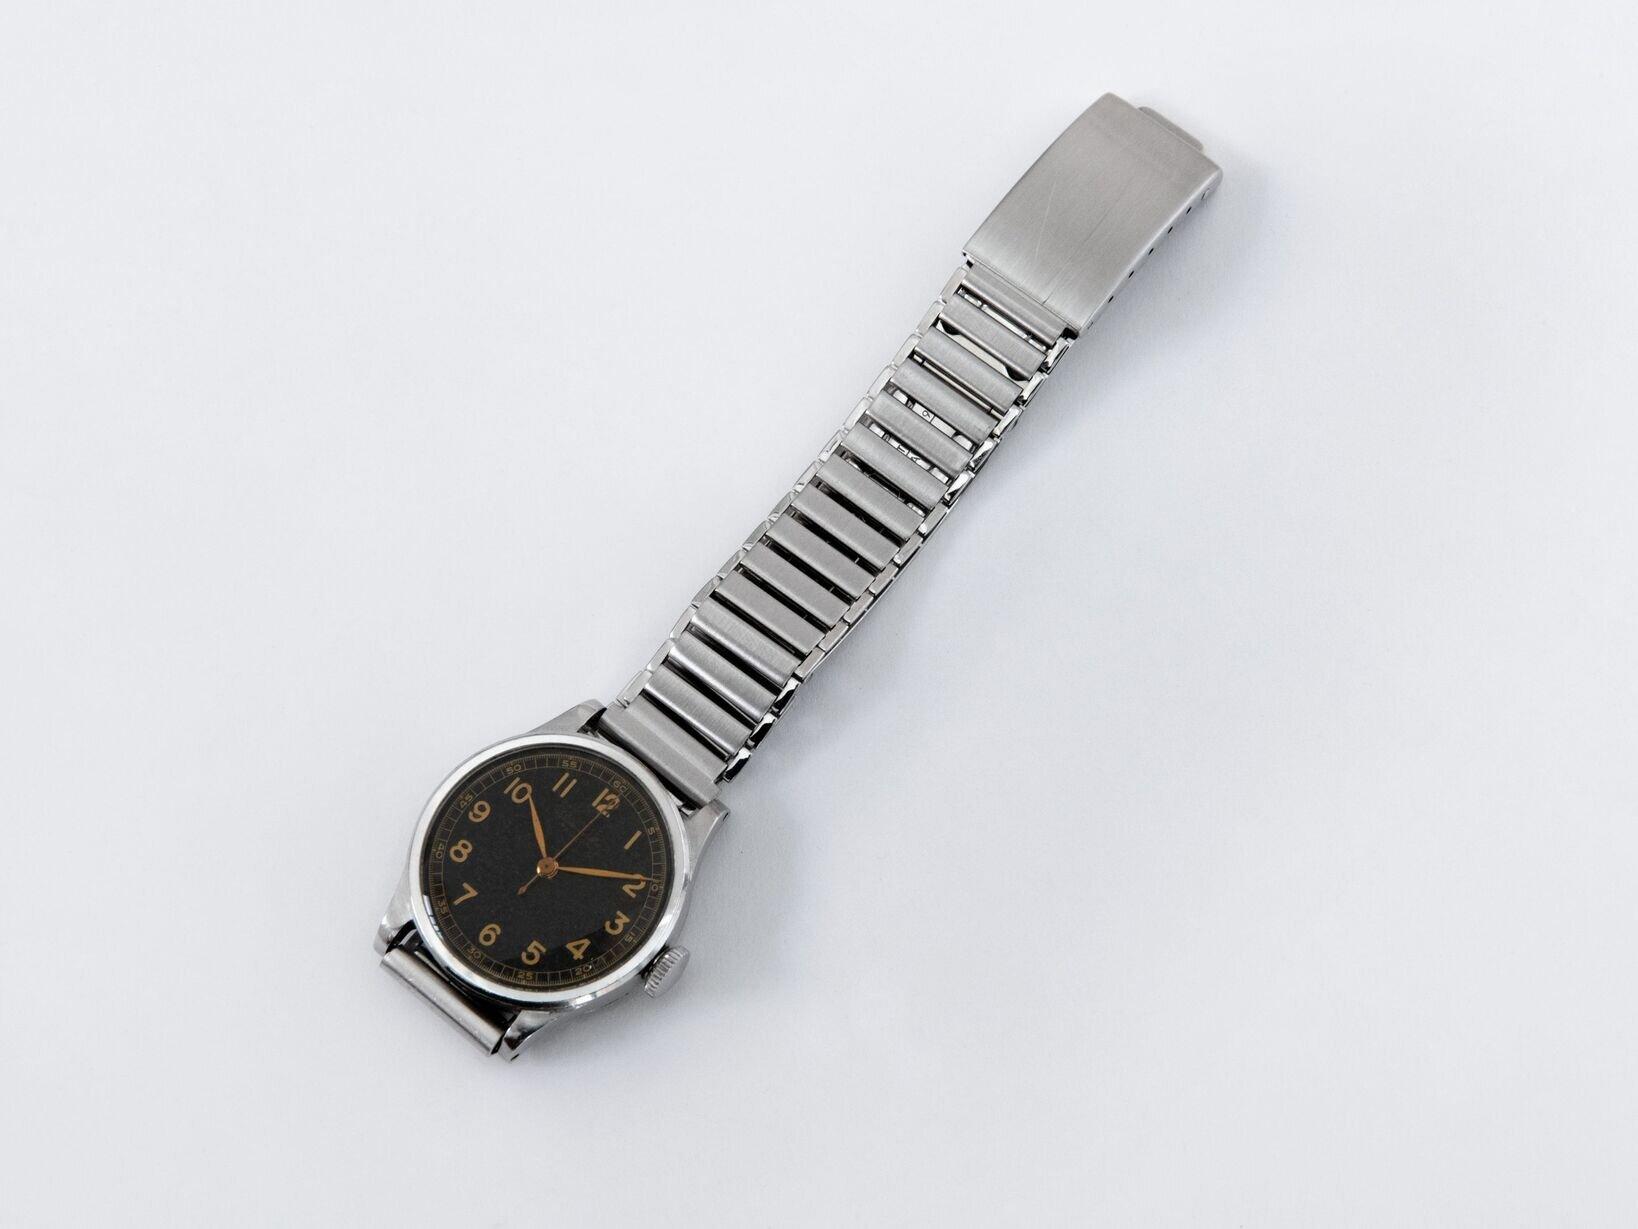 石川さんの私物の1940年代のIWCにブレスレットを着用した様子。まったくと言っていいほど違和感がなくマッチしている。ちなみにラグの幅は16mm。